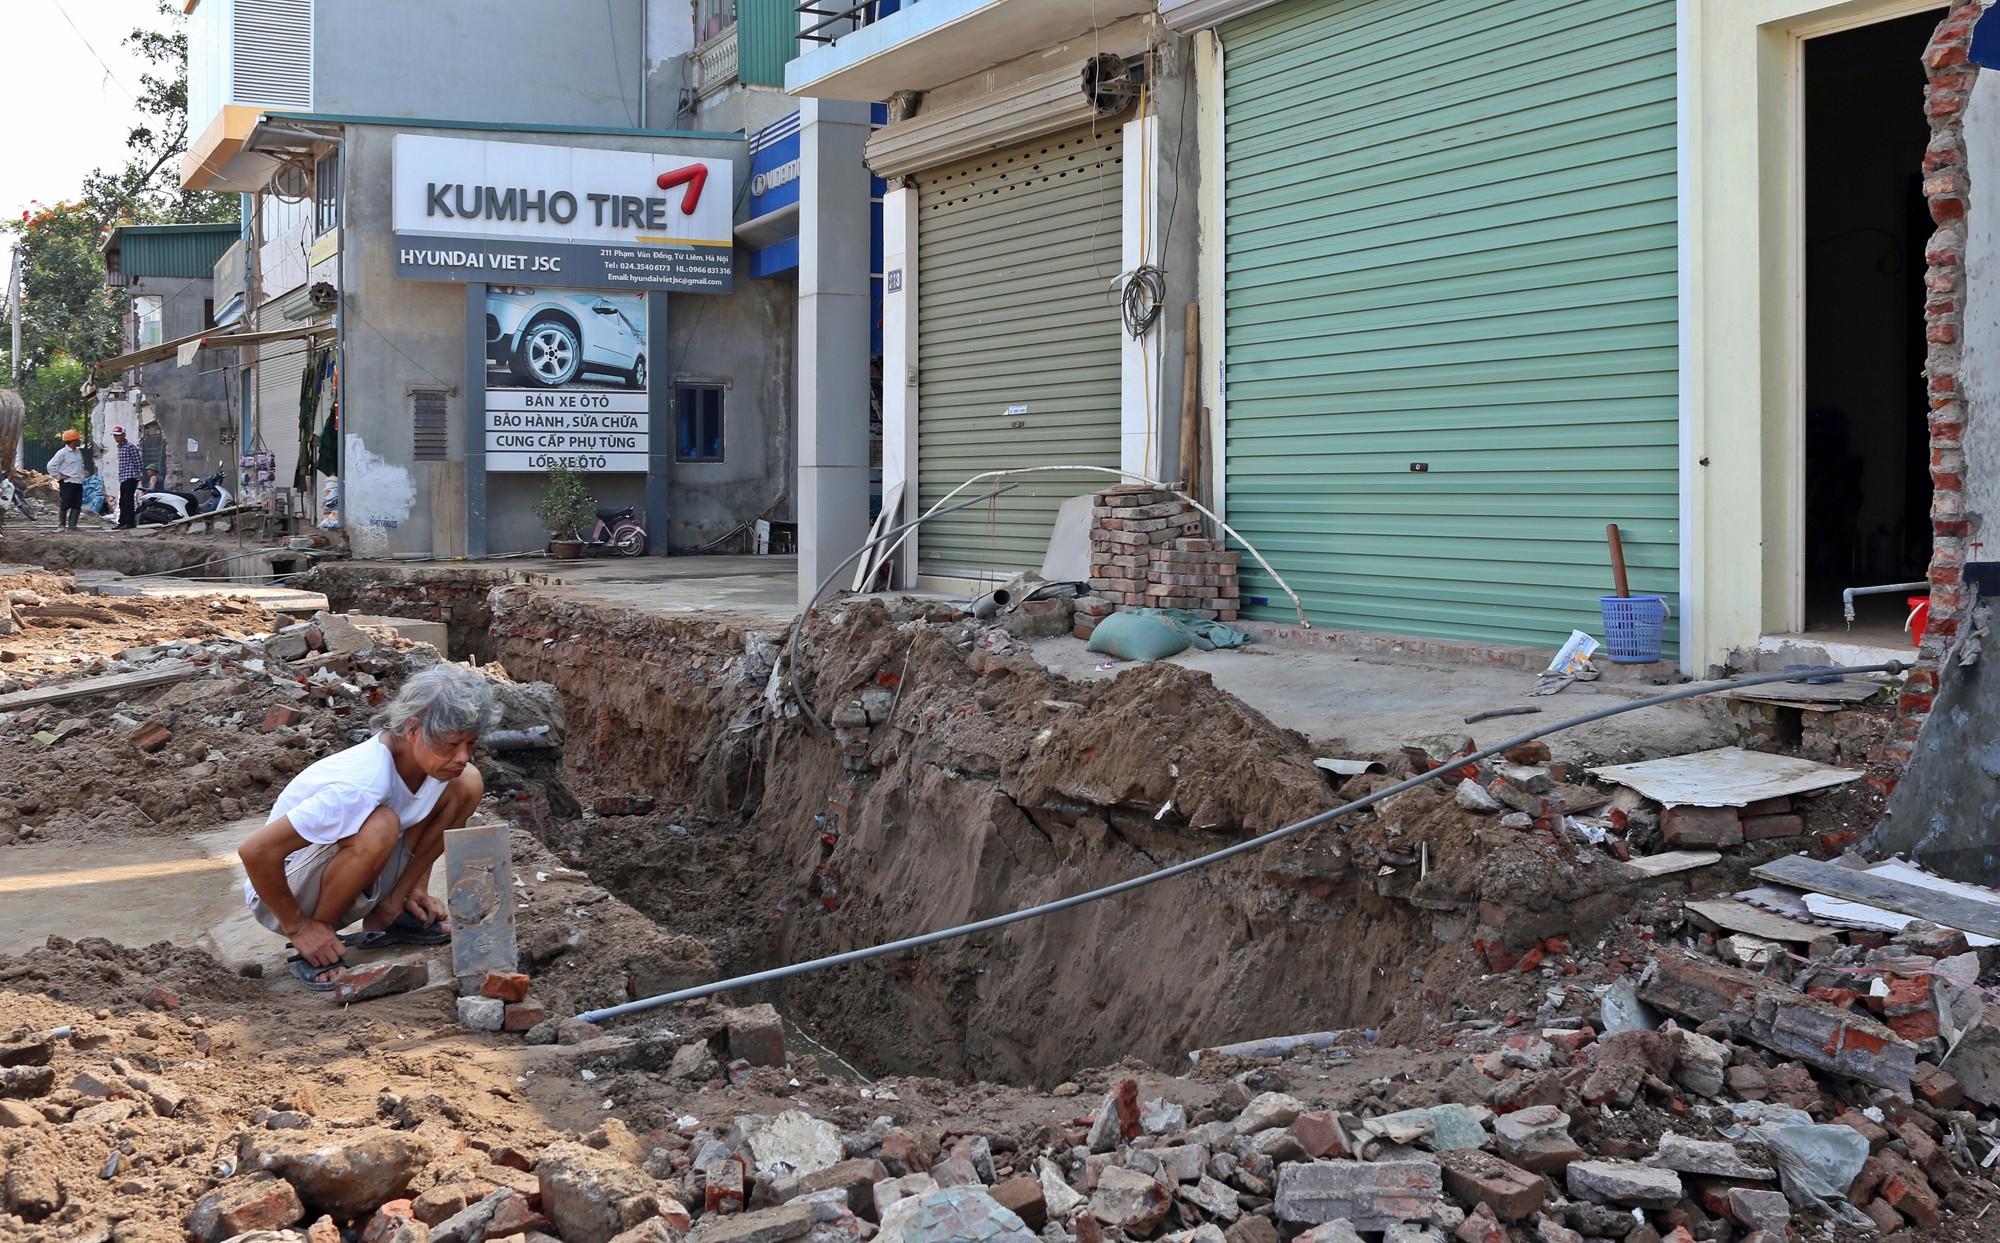 Hà Nội: Người dân bắc cầu vào nhà trên đường Phạm Văn Đồng - Ảnh 4.